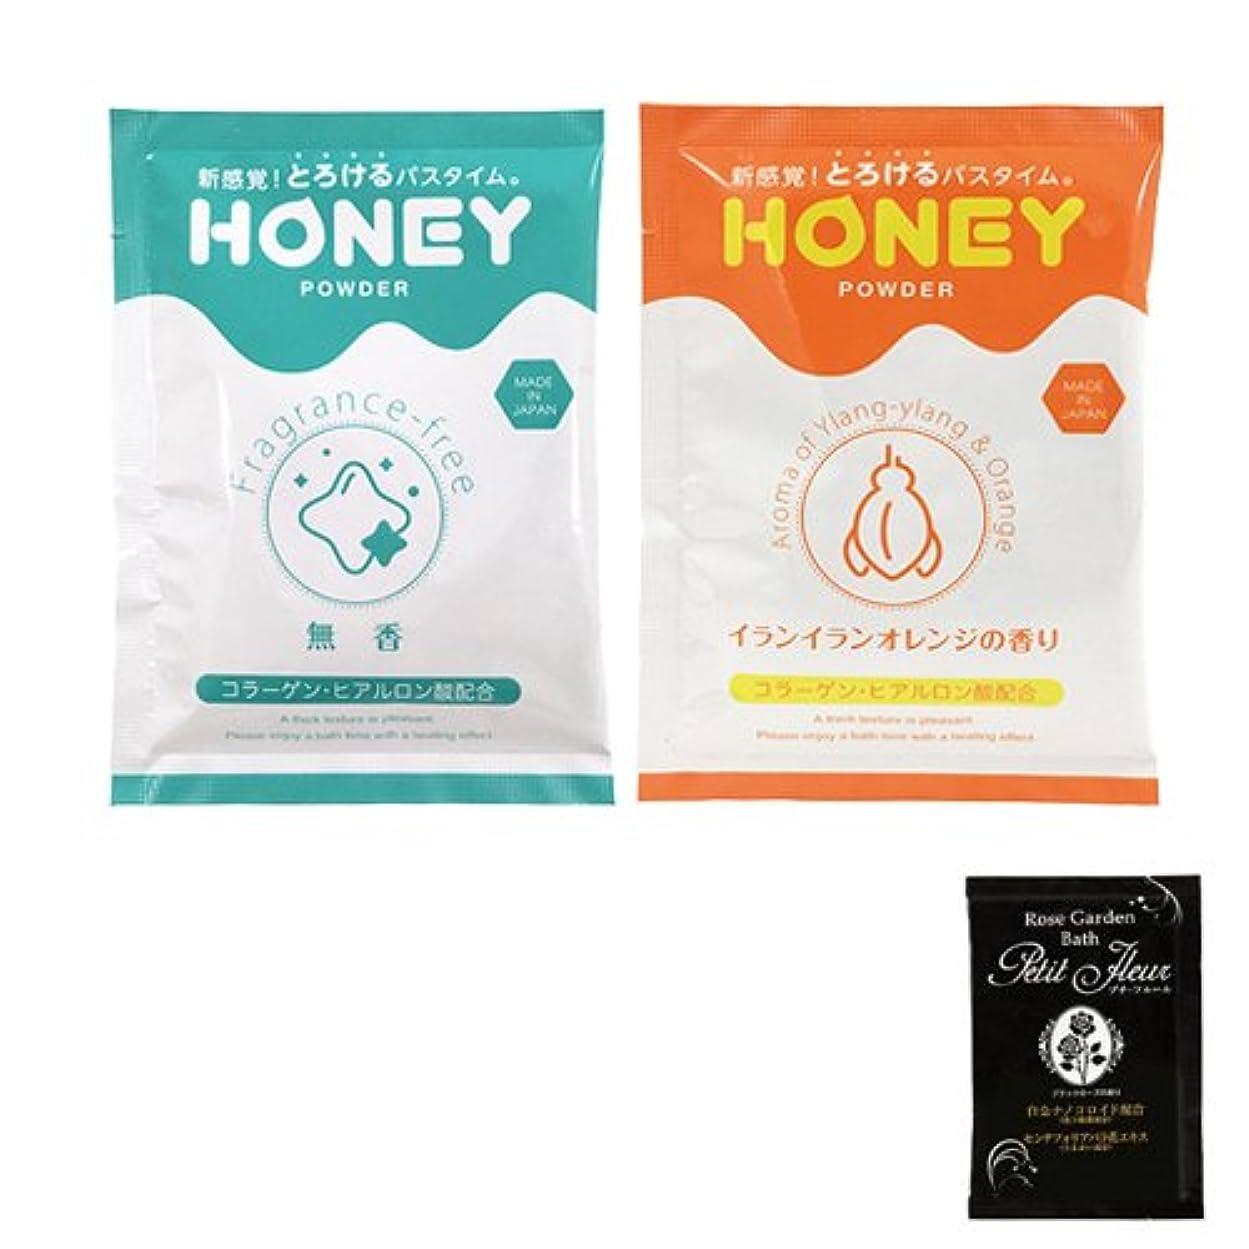 要求するの中でワイヤーとろとろ入浴剤【honey powder】粉末タイプ イランイランオレンジの香り + 無香 + 入浴剤(プチフルール)1回分